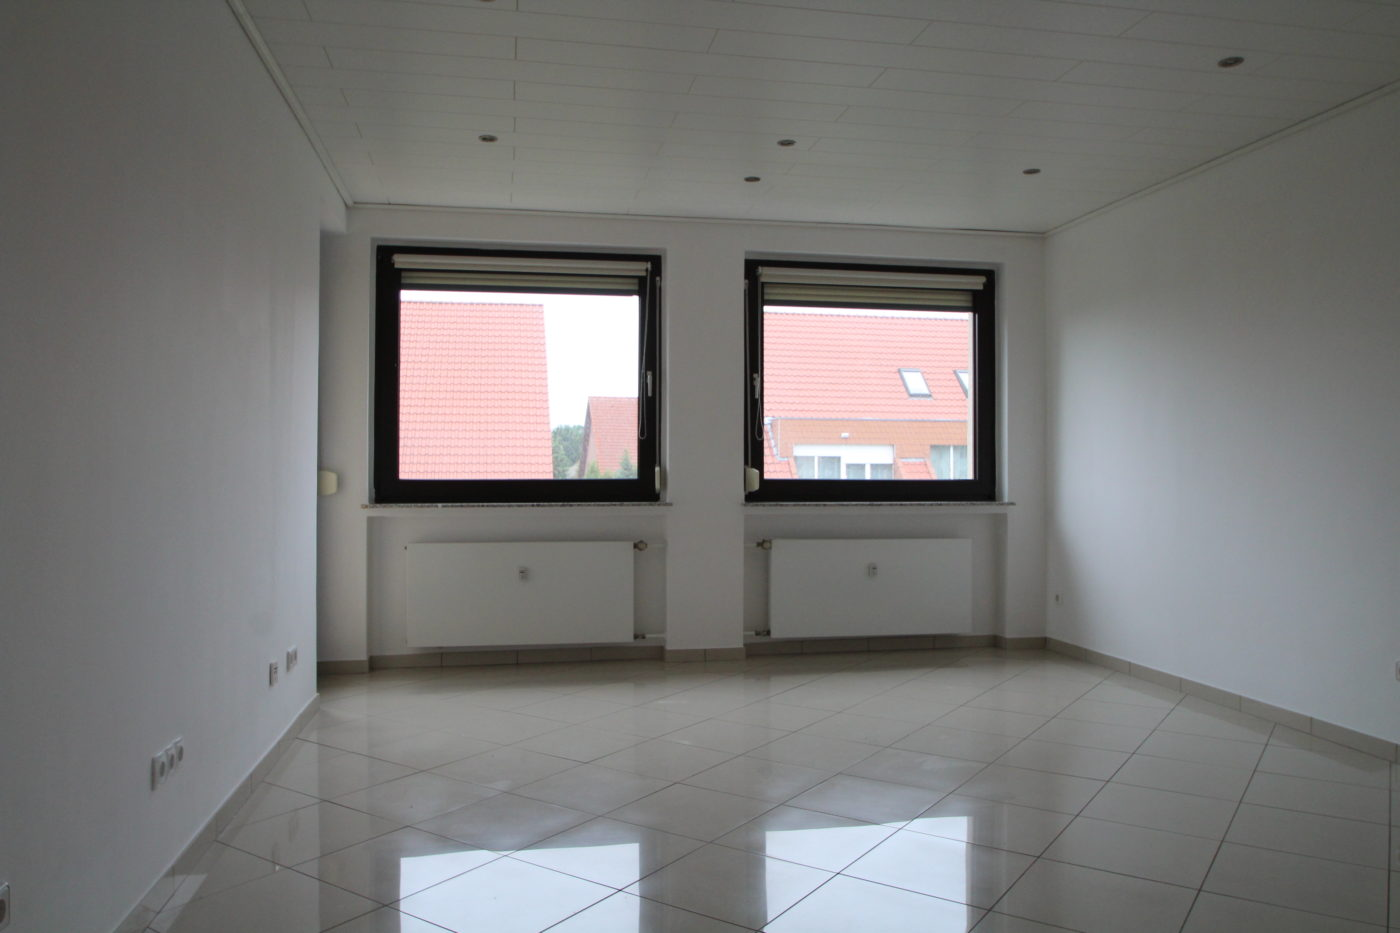 Vorher Foto vom Wohnzimmer. Wohnzimmer vor dem Homestaging durch Blickfang Homestaging in Soest